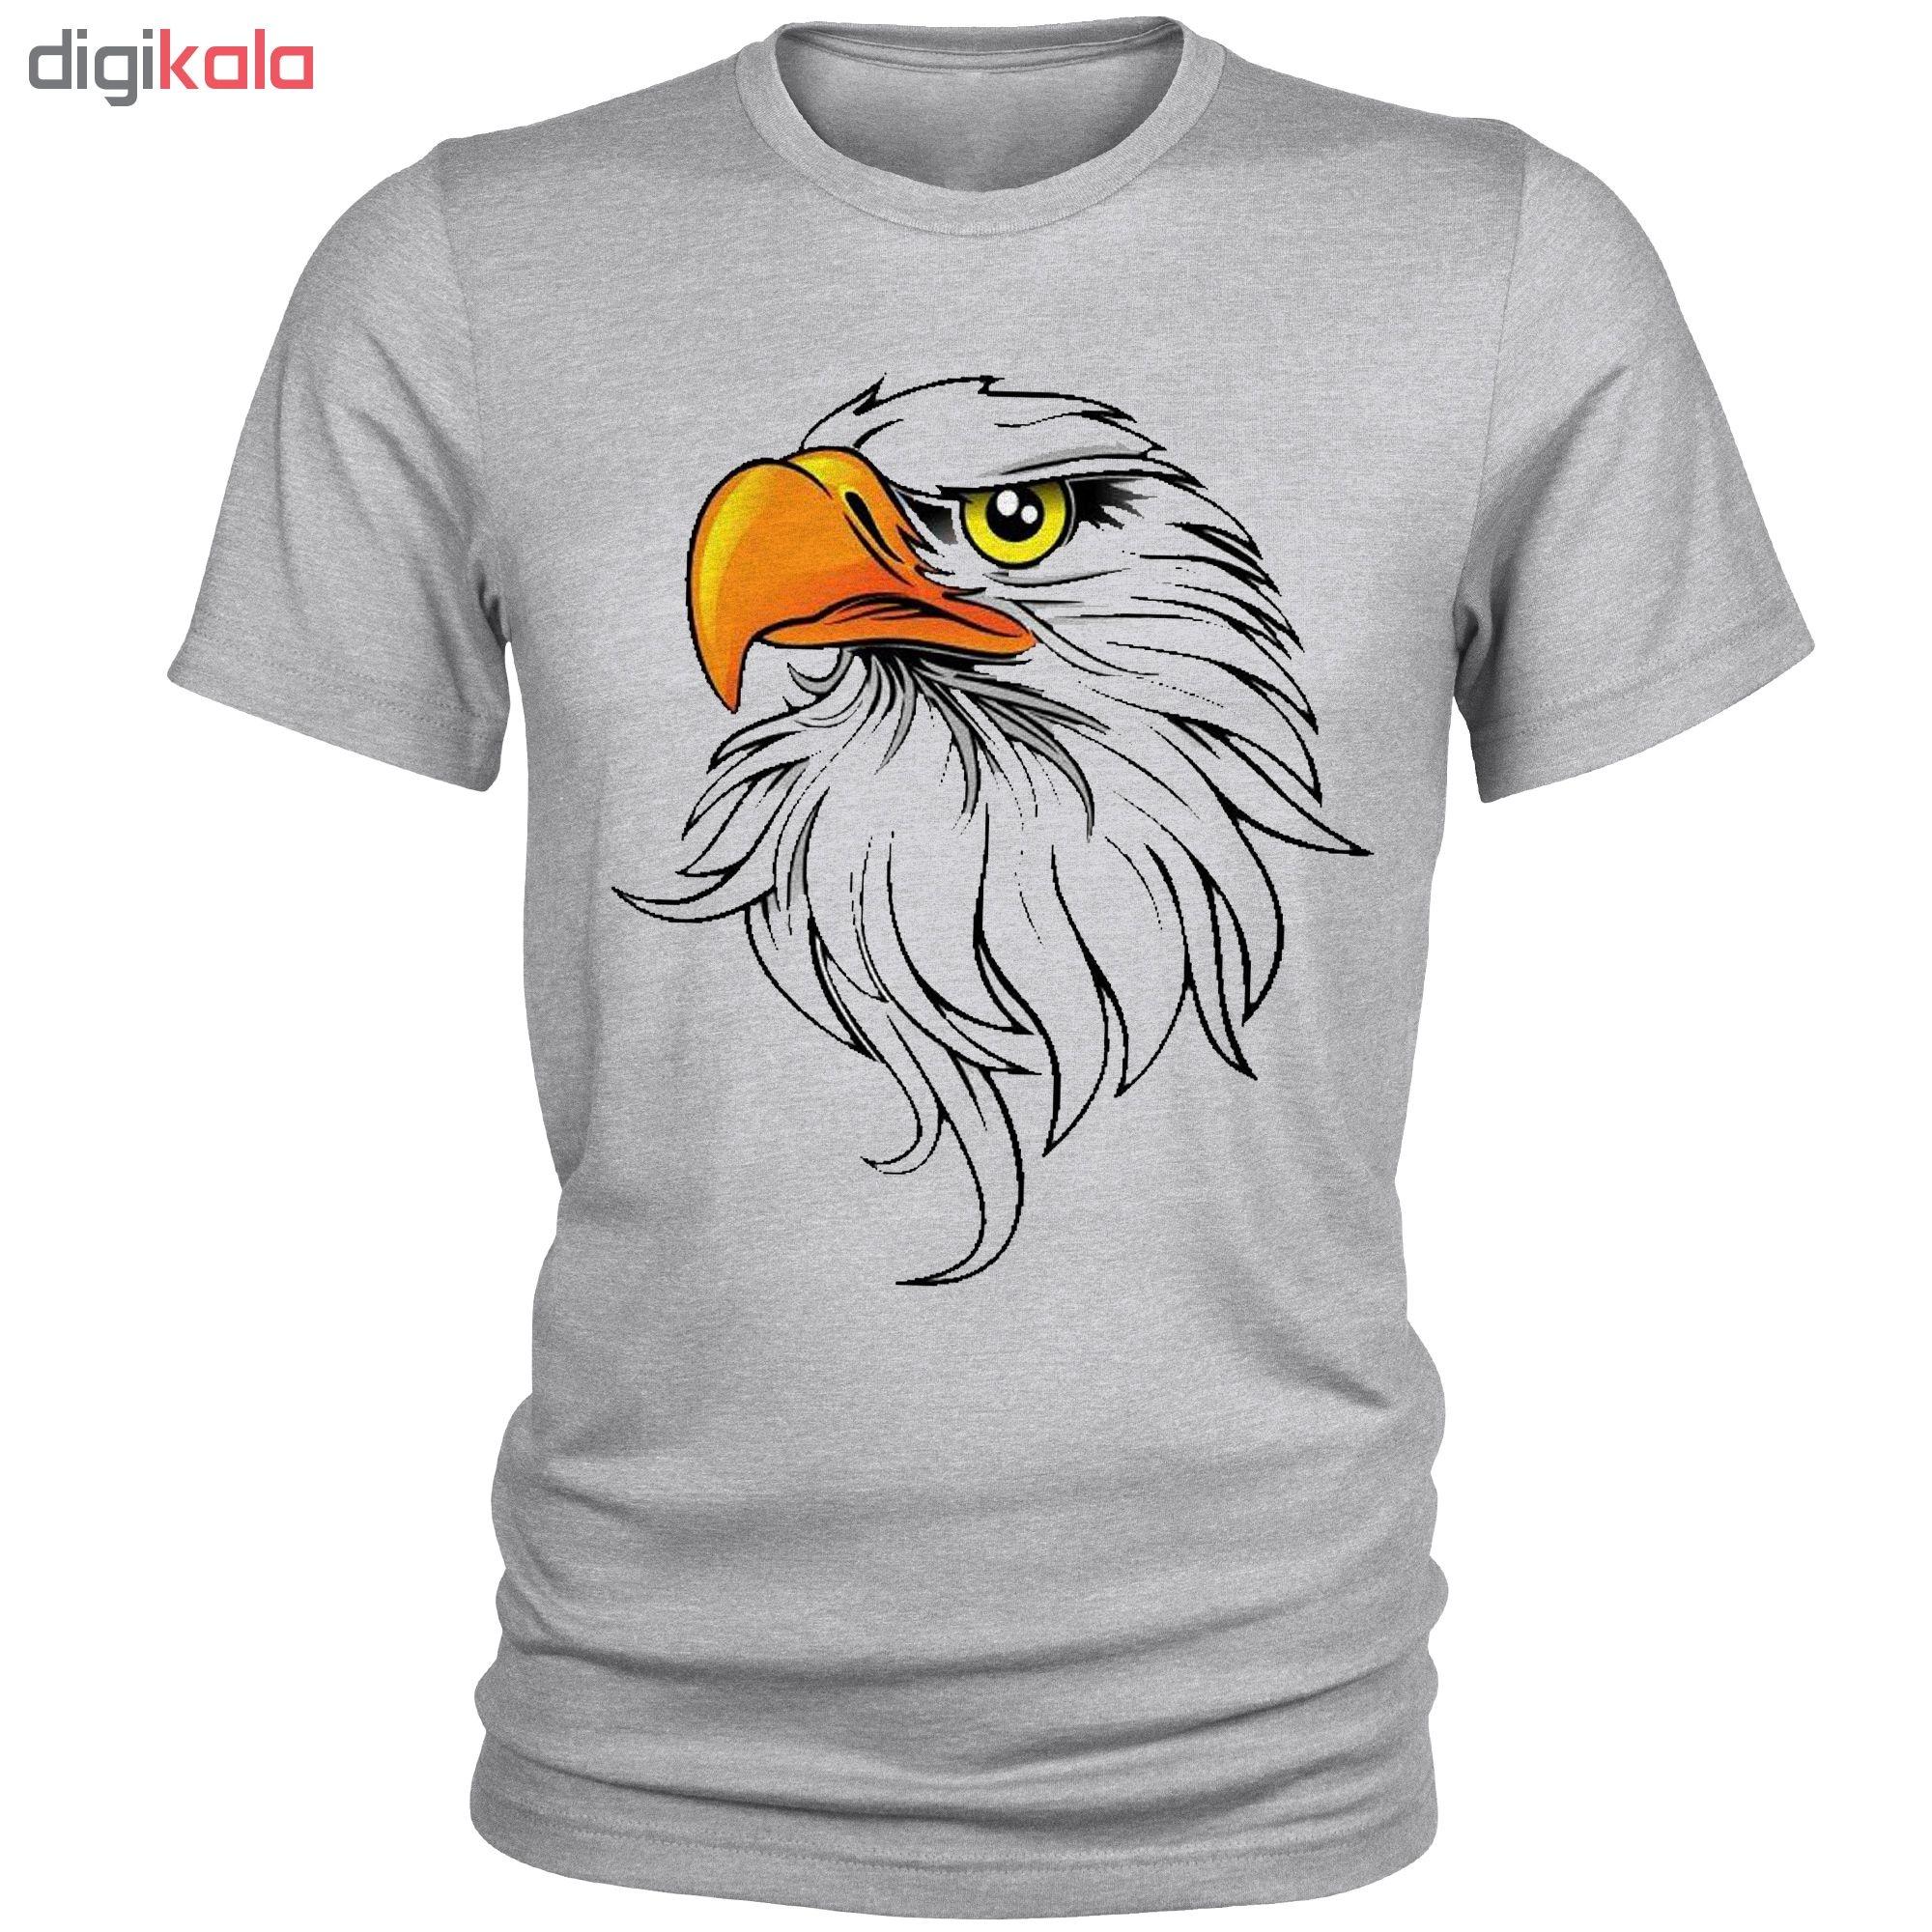 تی شرت مردانه طرح عقاب کد A044